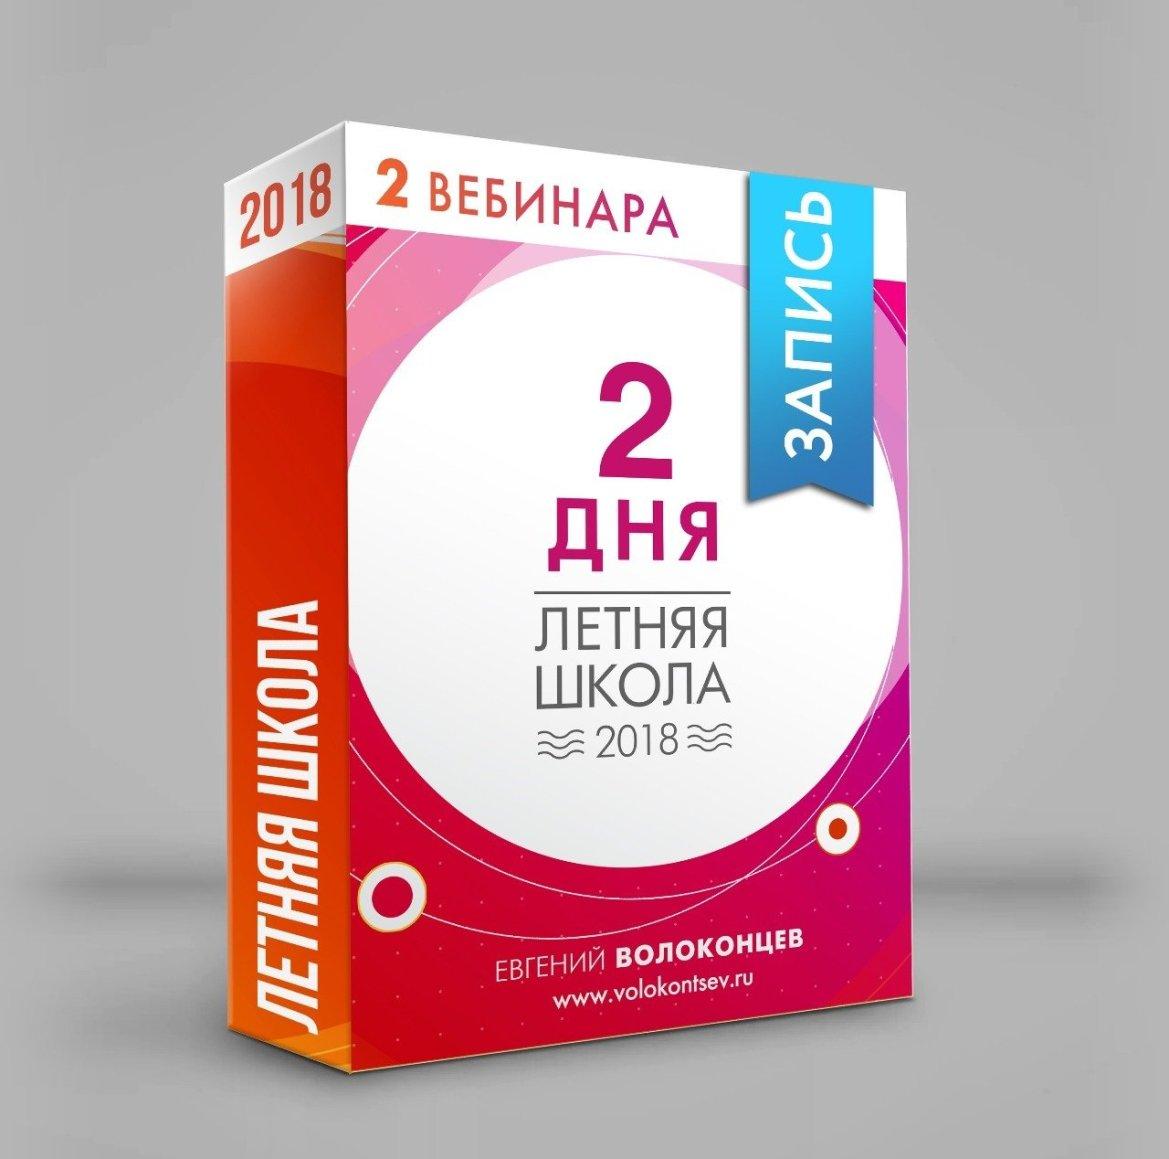 ДВА ВЕБИНАРА ЛЕТНЕЙ ШКОЛЫ В ЗАПИСИ ПО ВЫБОРУ. Июль 2018. 00044